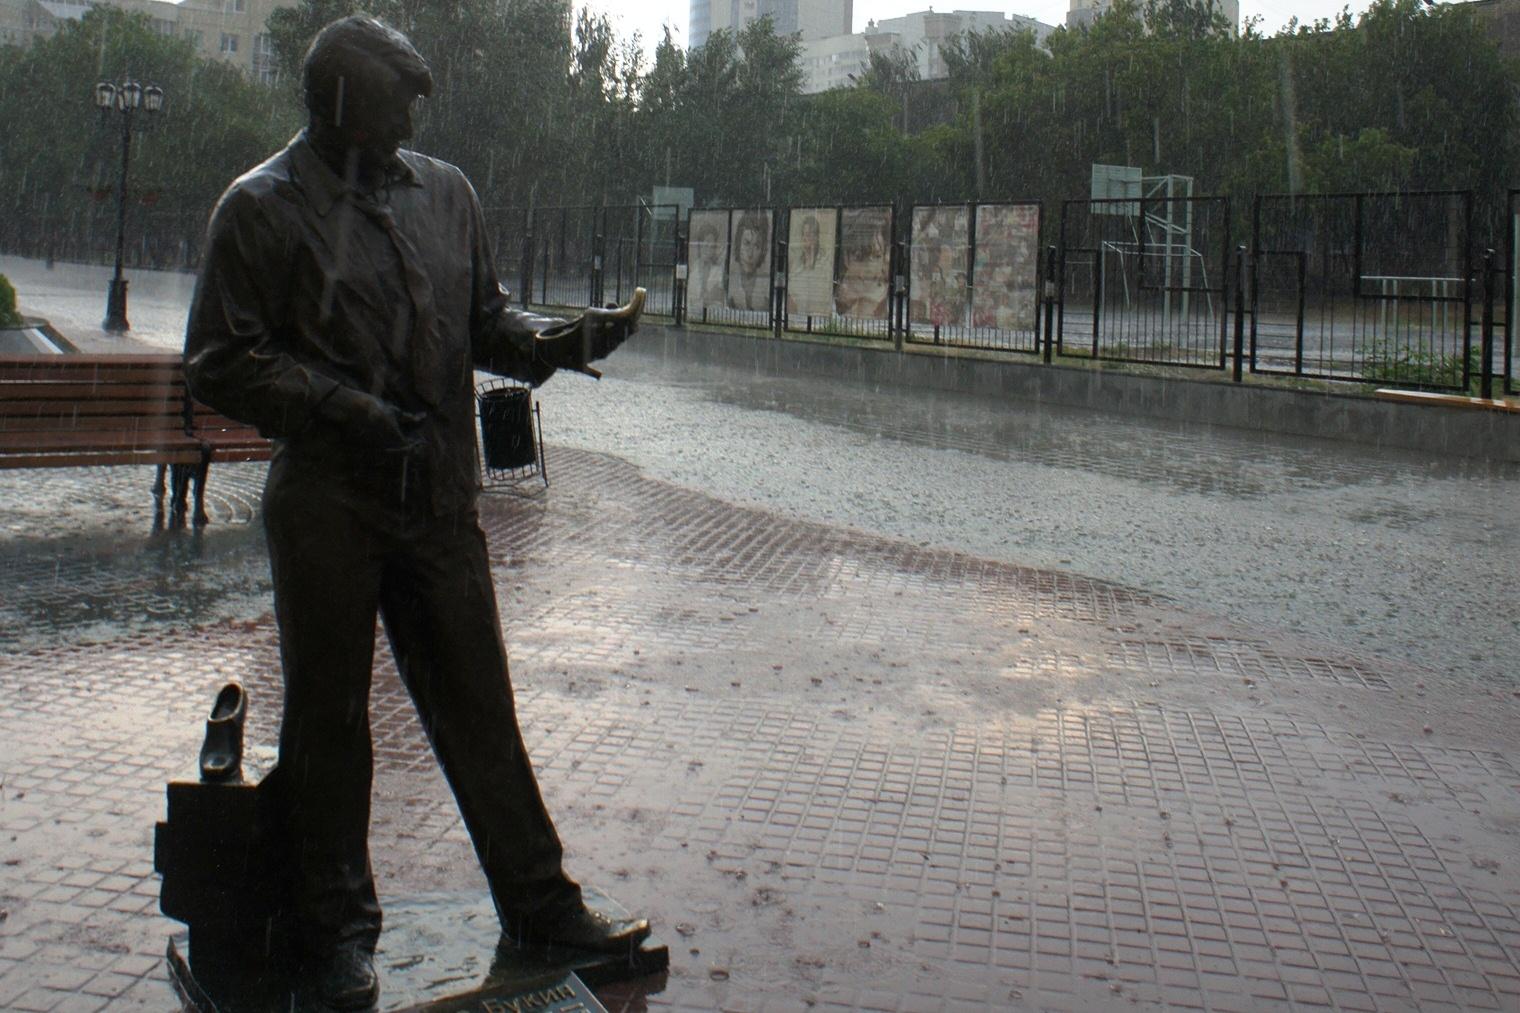 В выходные в Екатеринбурге будет пасмурно и сыро